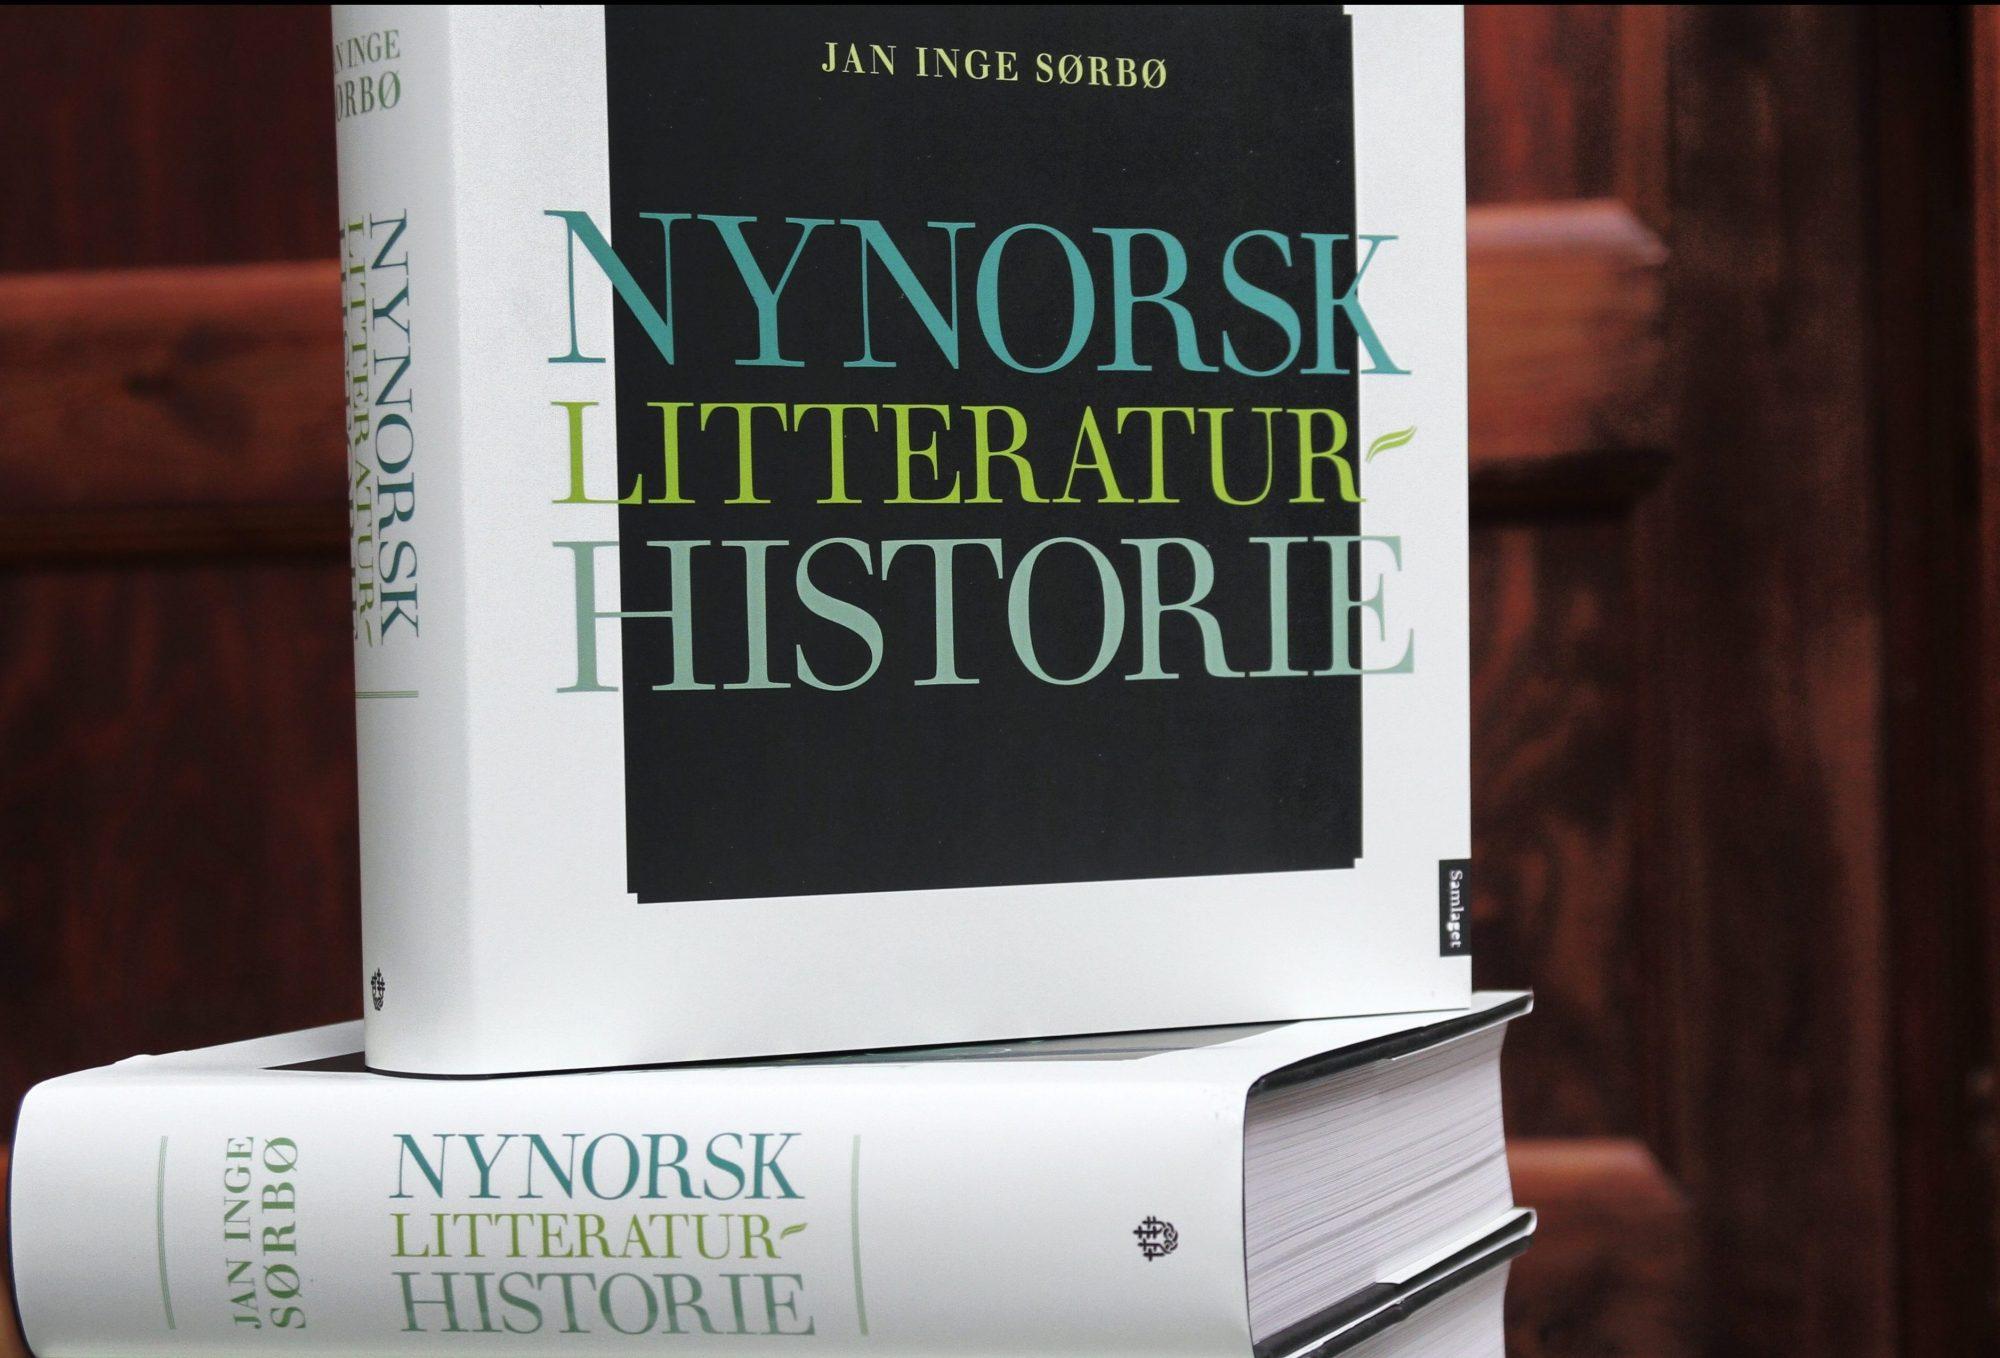 STORT VERK: Nynorsk litteraturhistorie er den første i sitt slag. Boka er på heile 680 sider og veg 2,2 kilo. Foto: Margunn Sundfjord / NPK